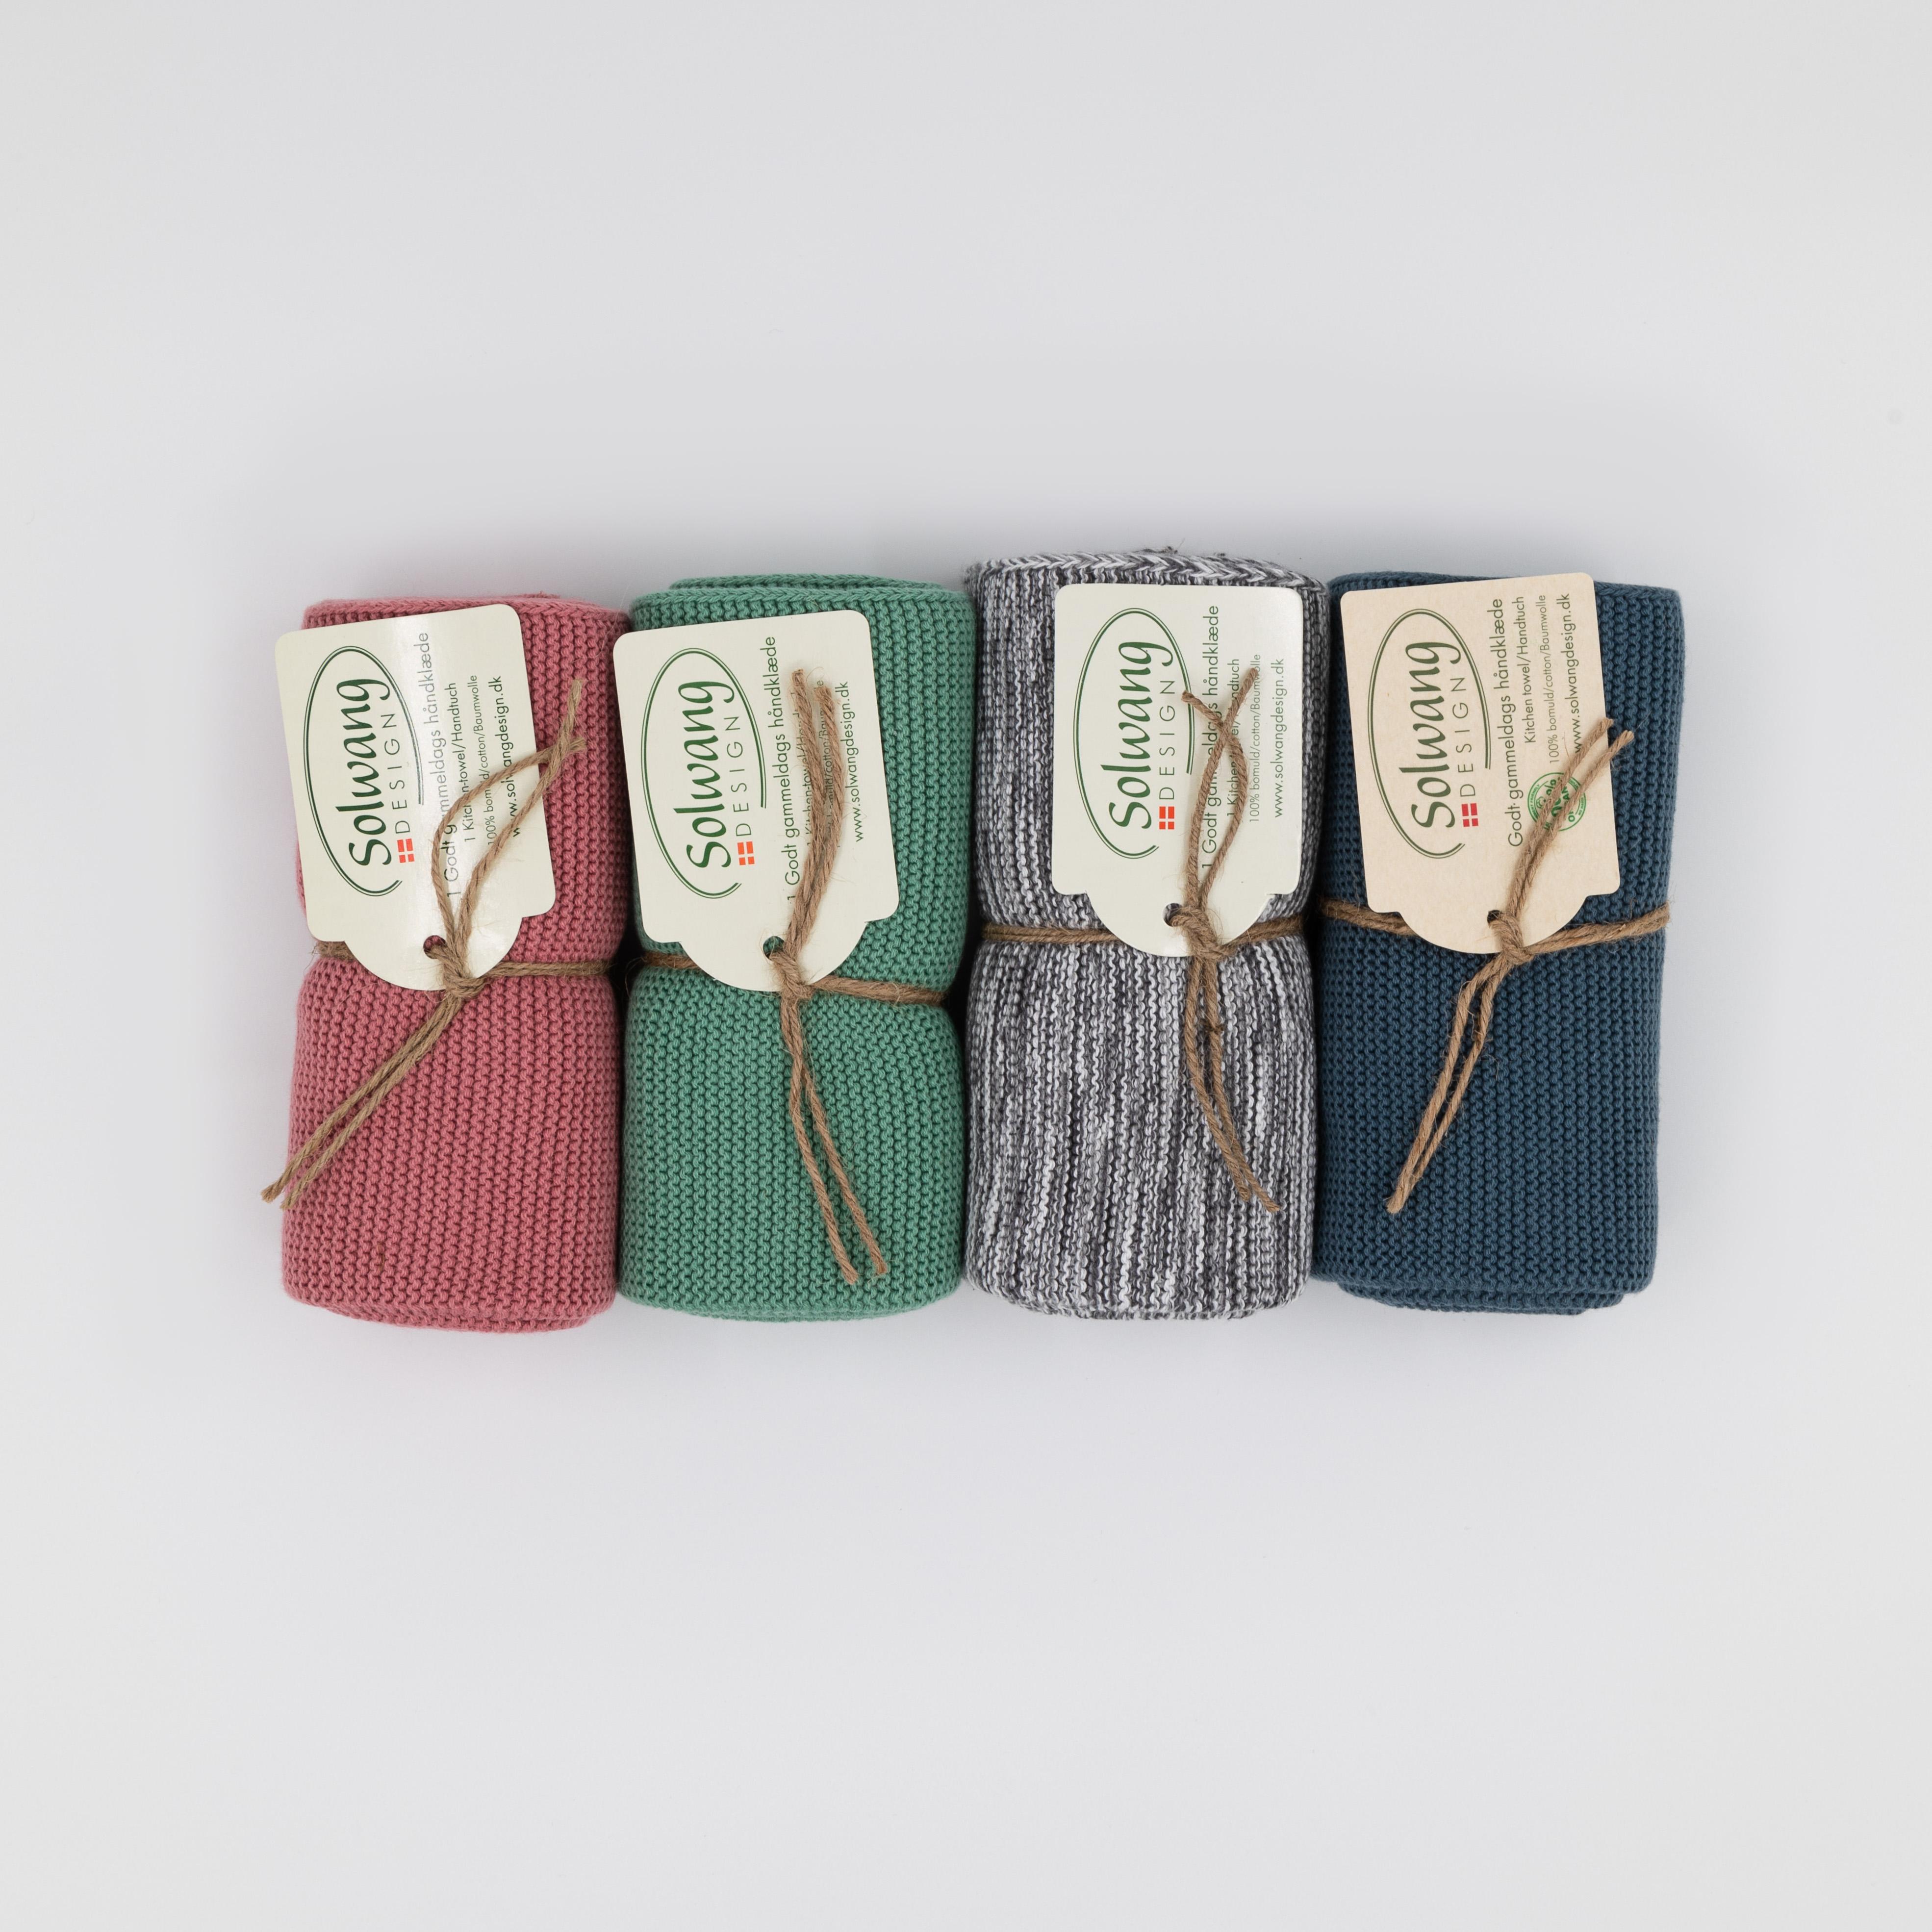 Zusammengerollte Handtücher in den Farben altrosa, grün, grau und dunkelblau.